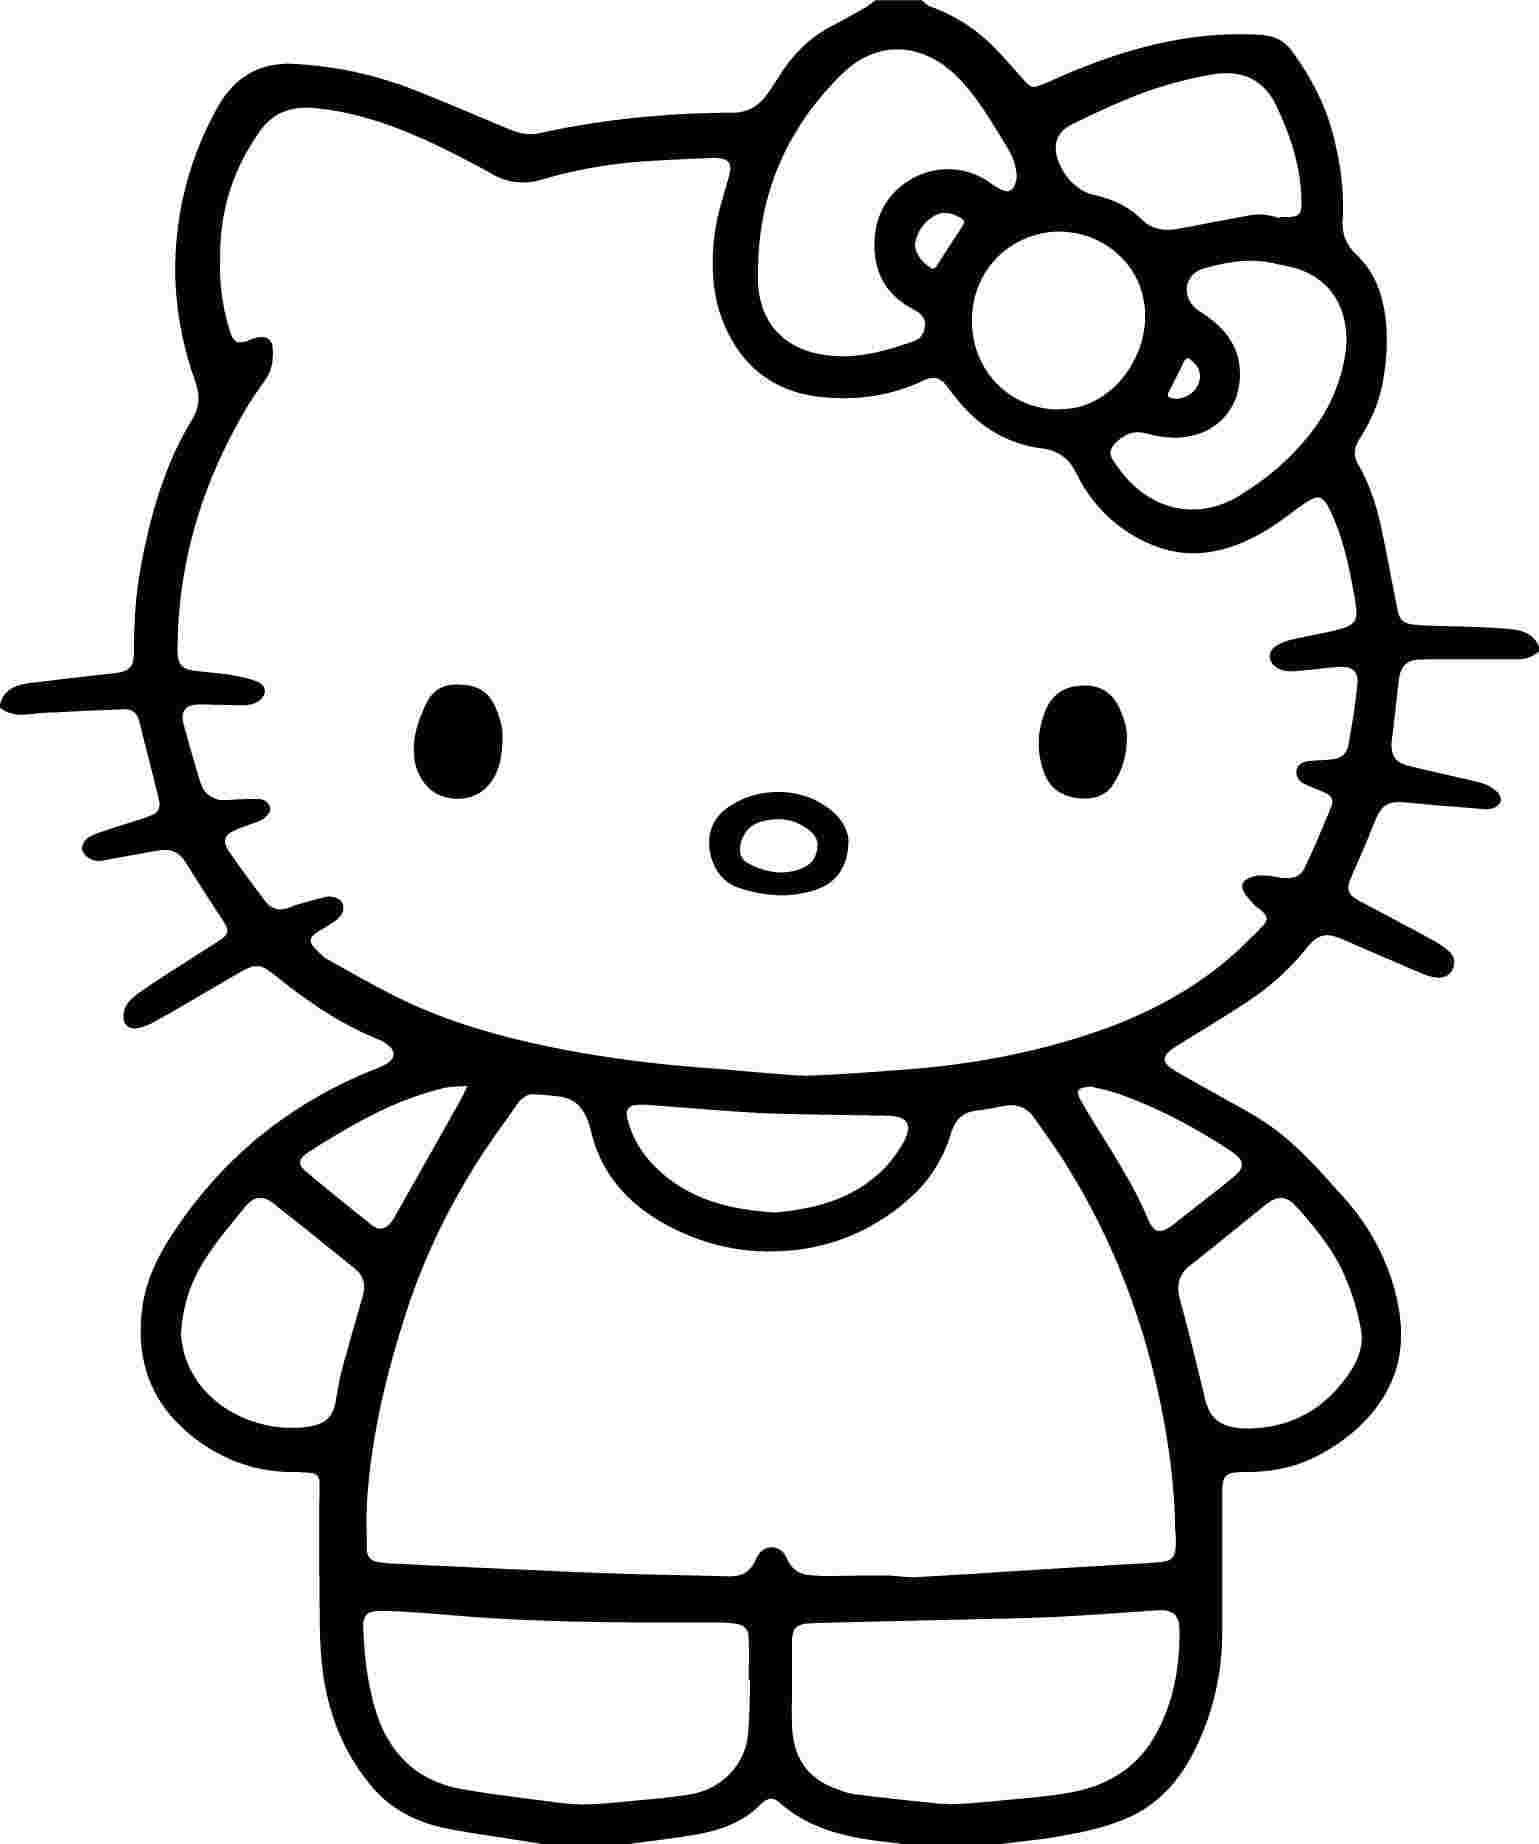 Pagine da colorare per bambini di 2-3 anni. Scarica o stampa online!